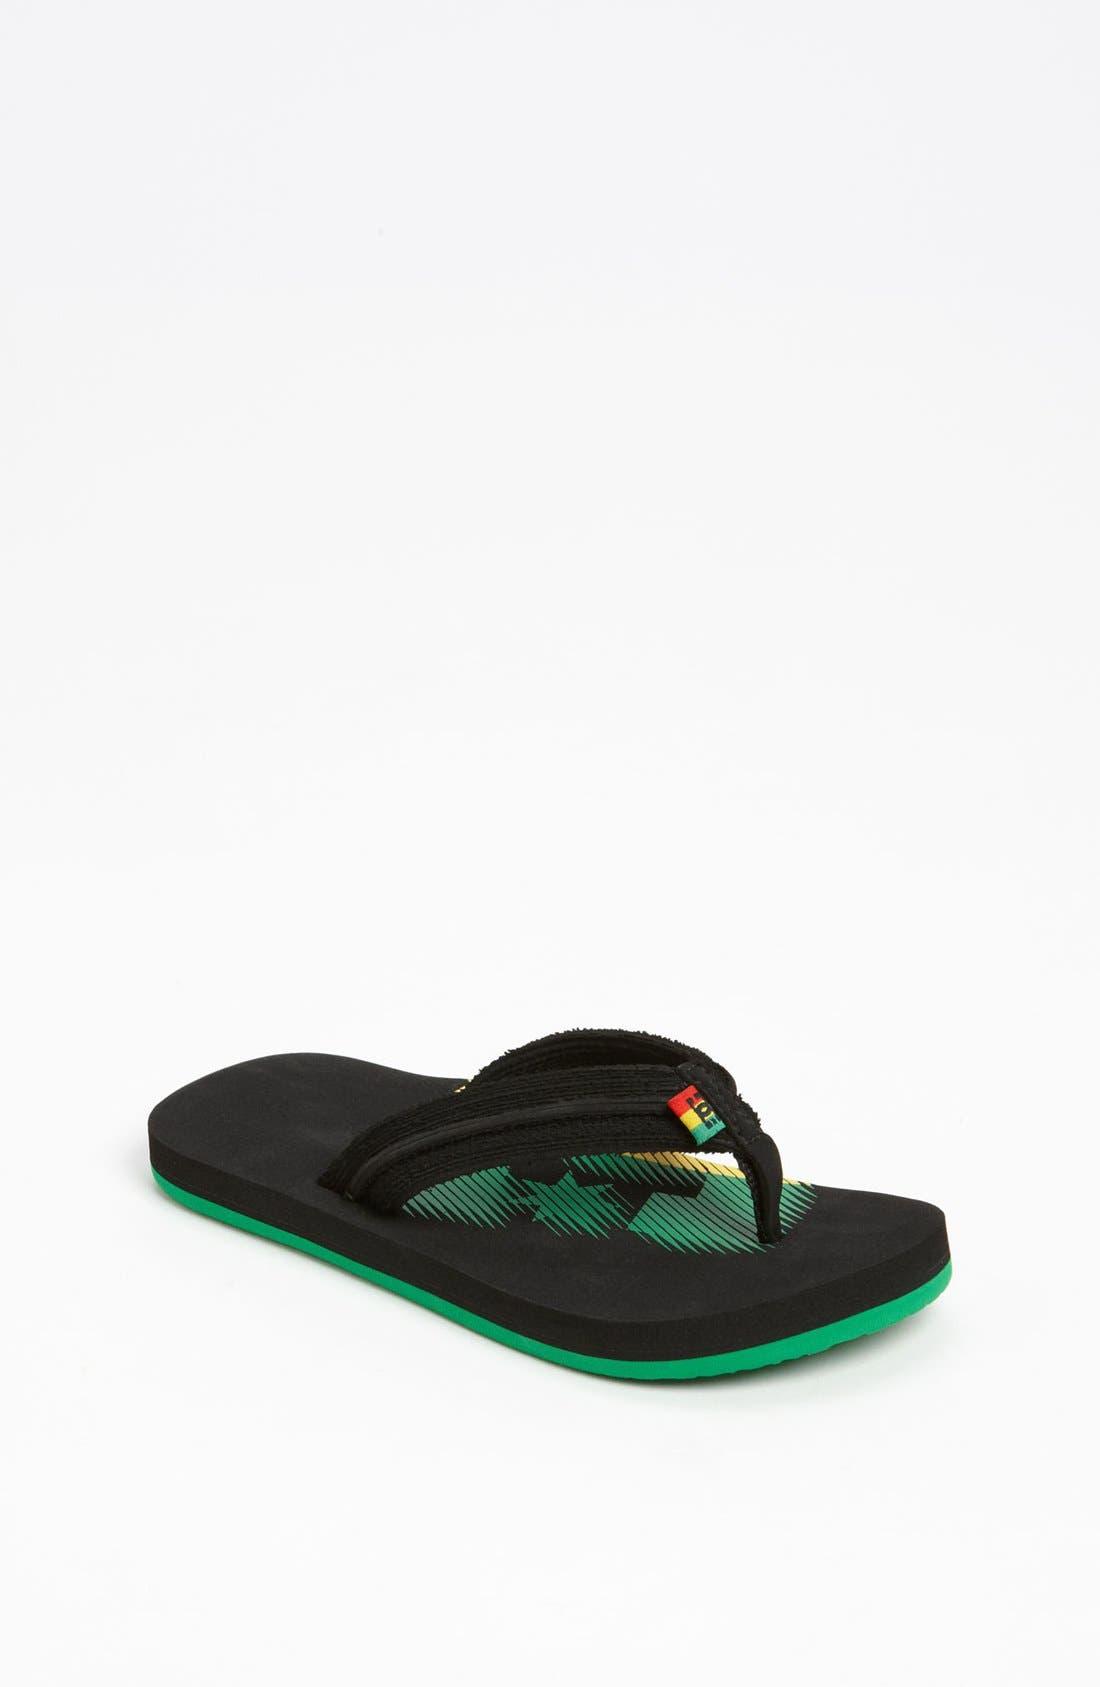 Main Image - DC Shoes 'Central' Sandal (Toddler, Little Kid & Big Kid)